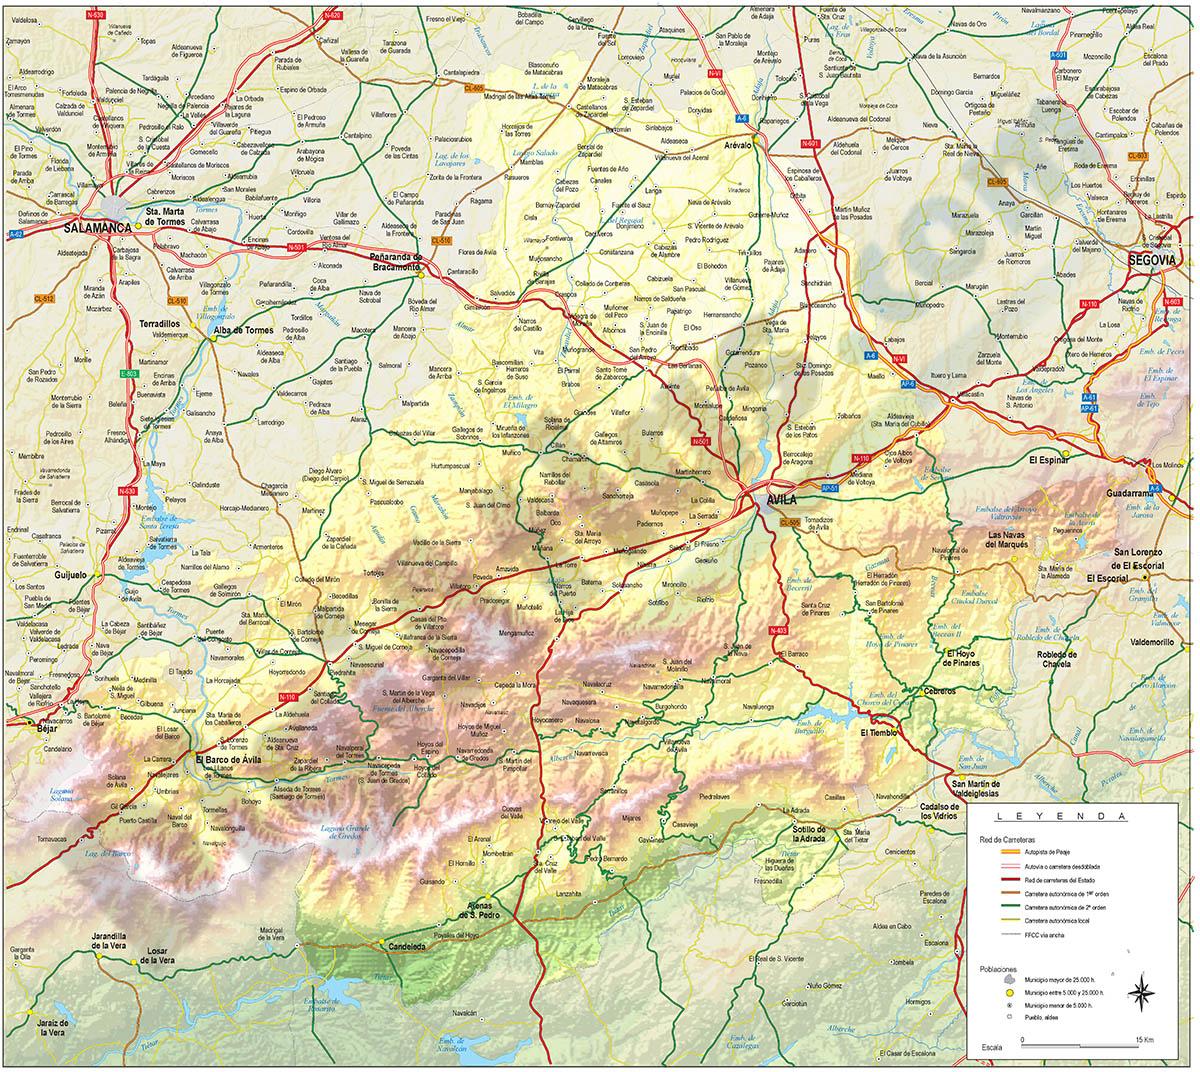 Map of Avila